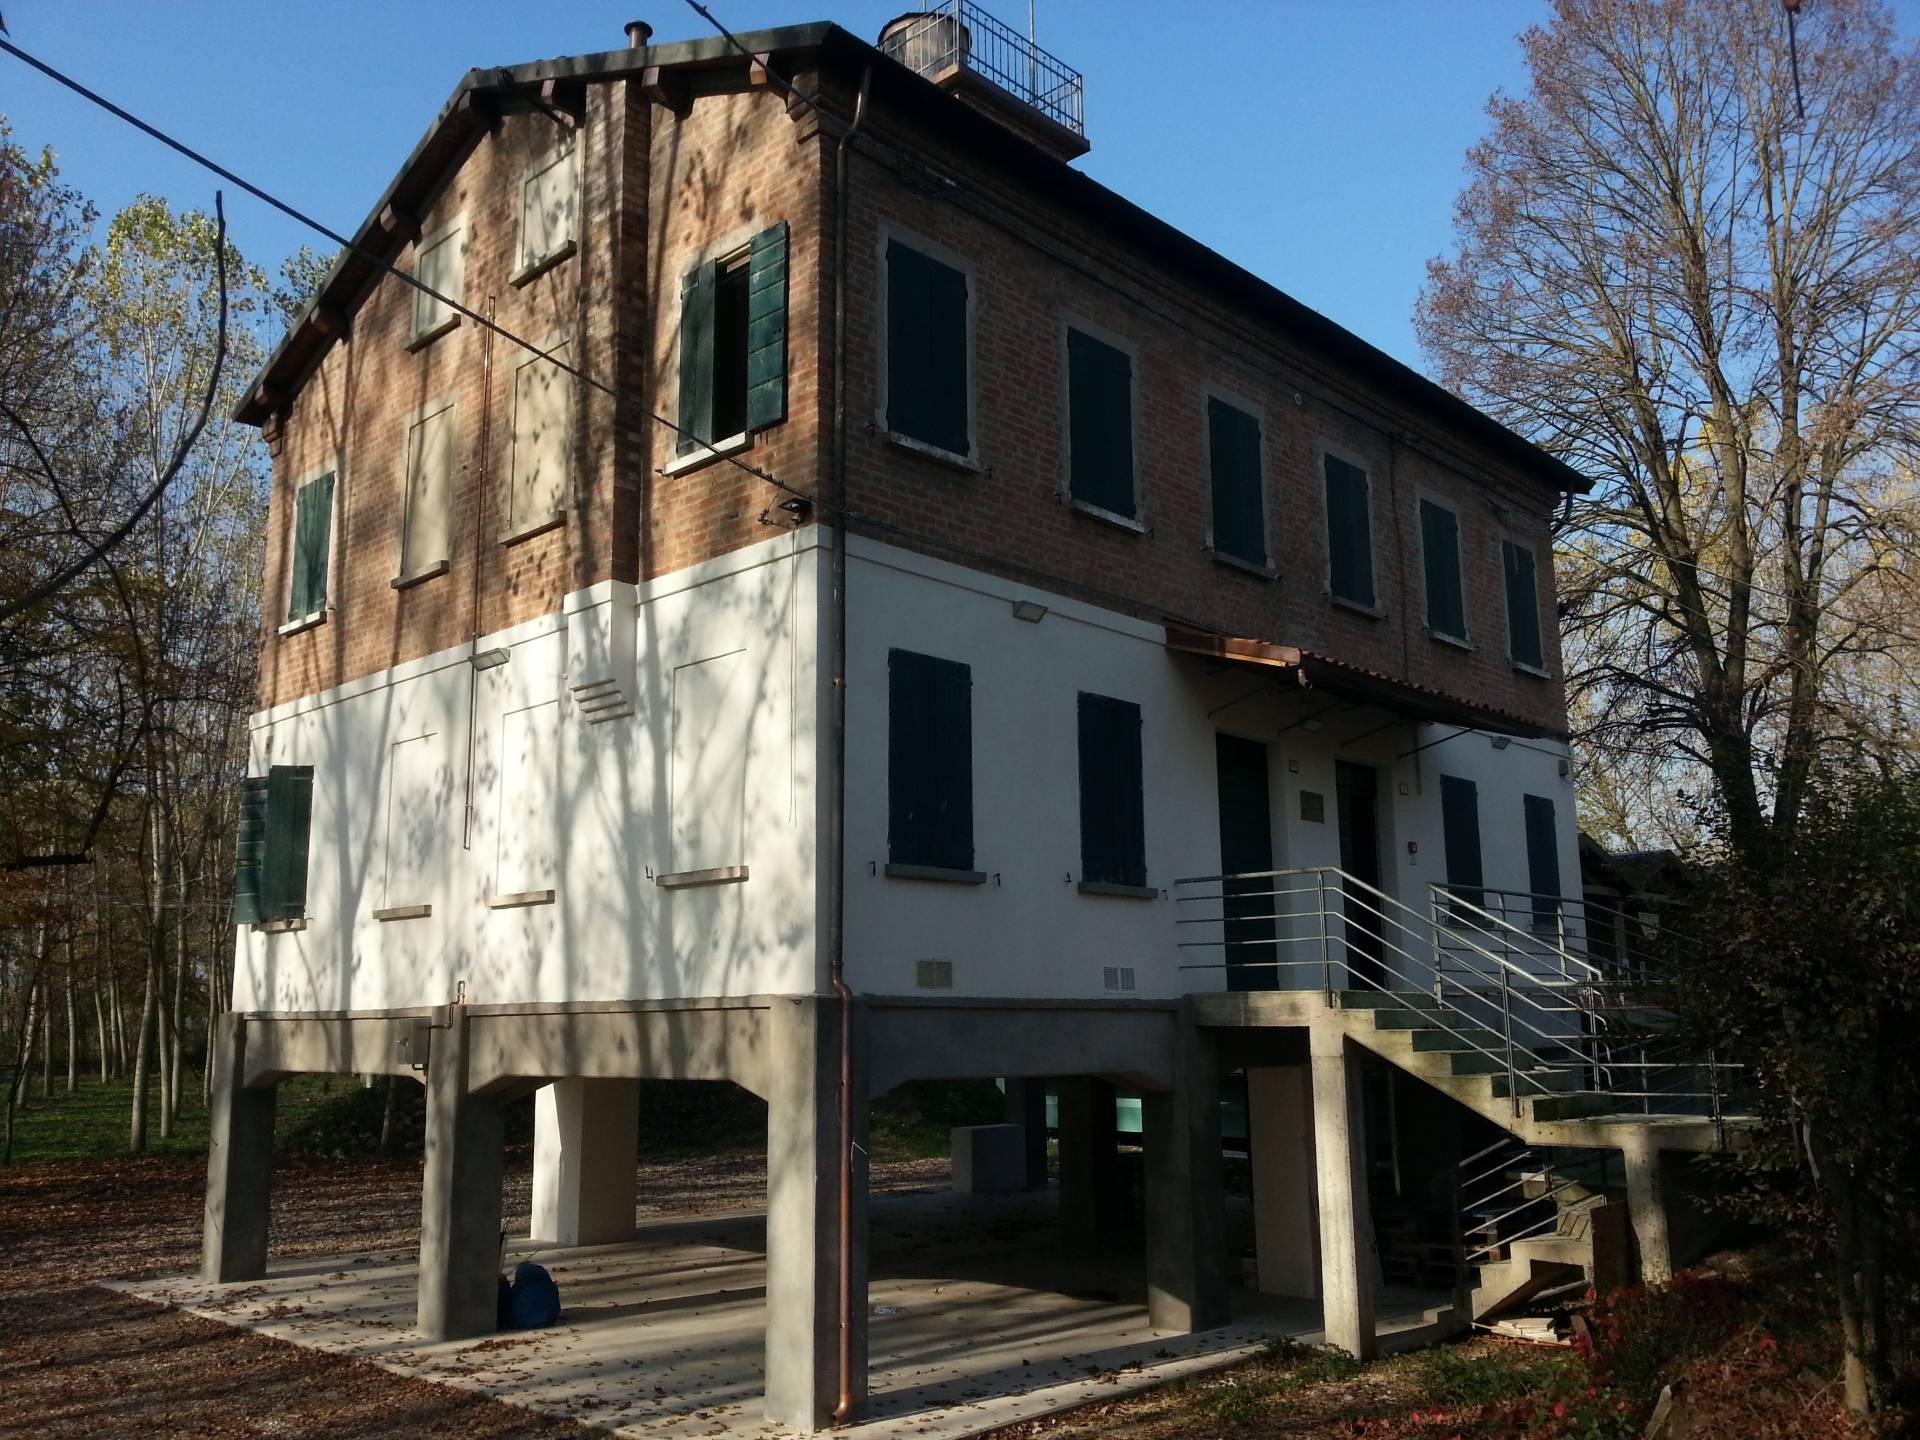 Ricostruzione Ostello della gioventù, comune di Guastalla (RE) - ITON SRL